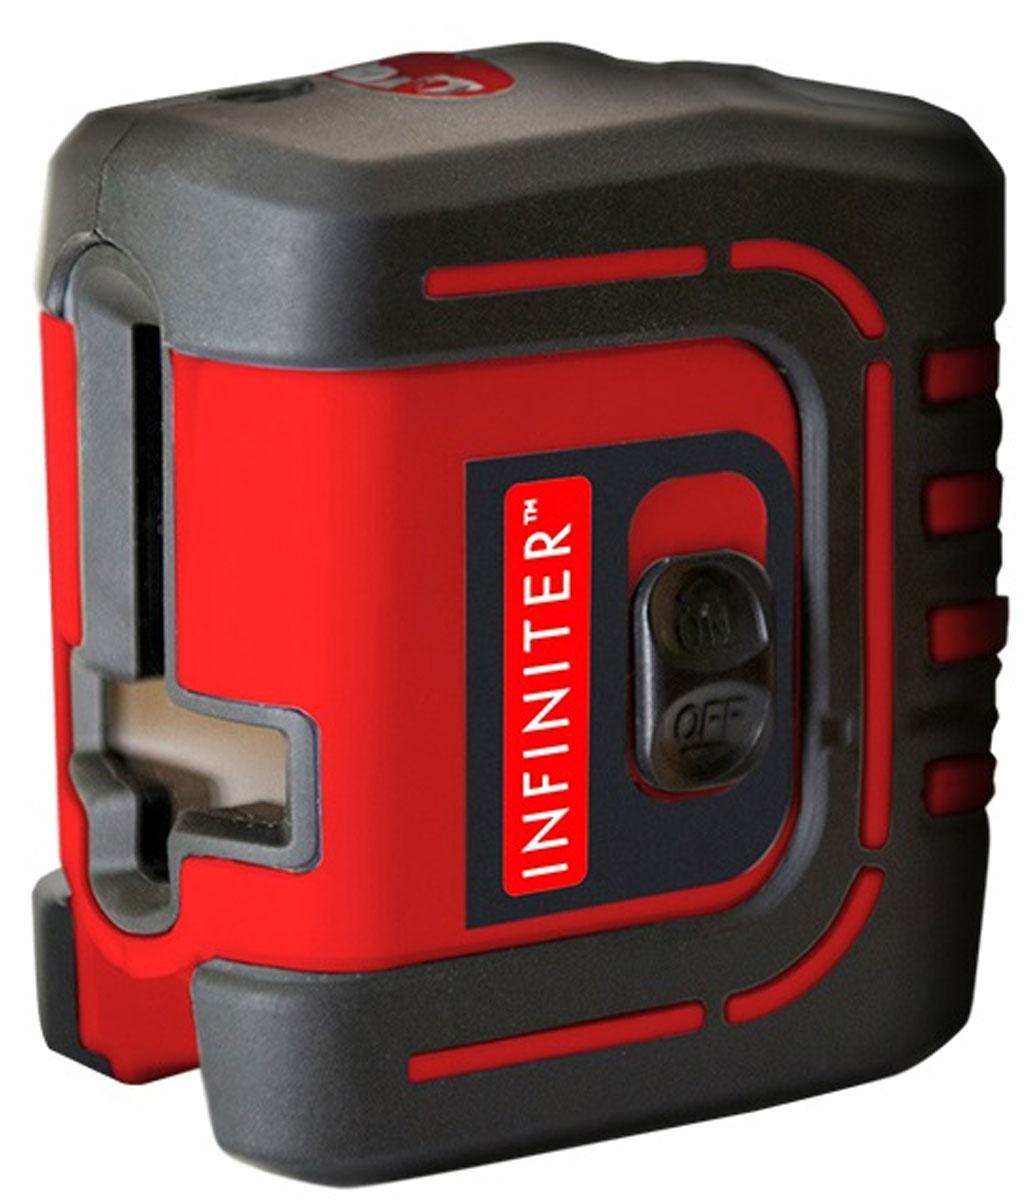 Лазерный нивелир Infiniter CL21-2-067